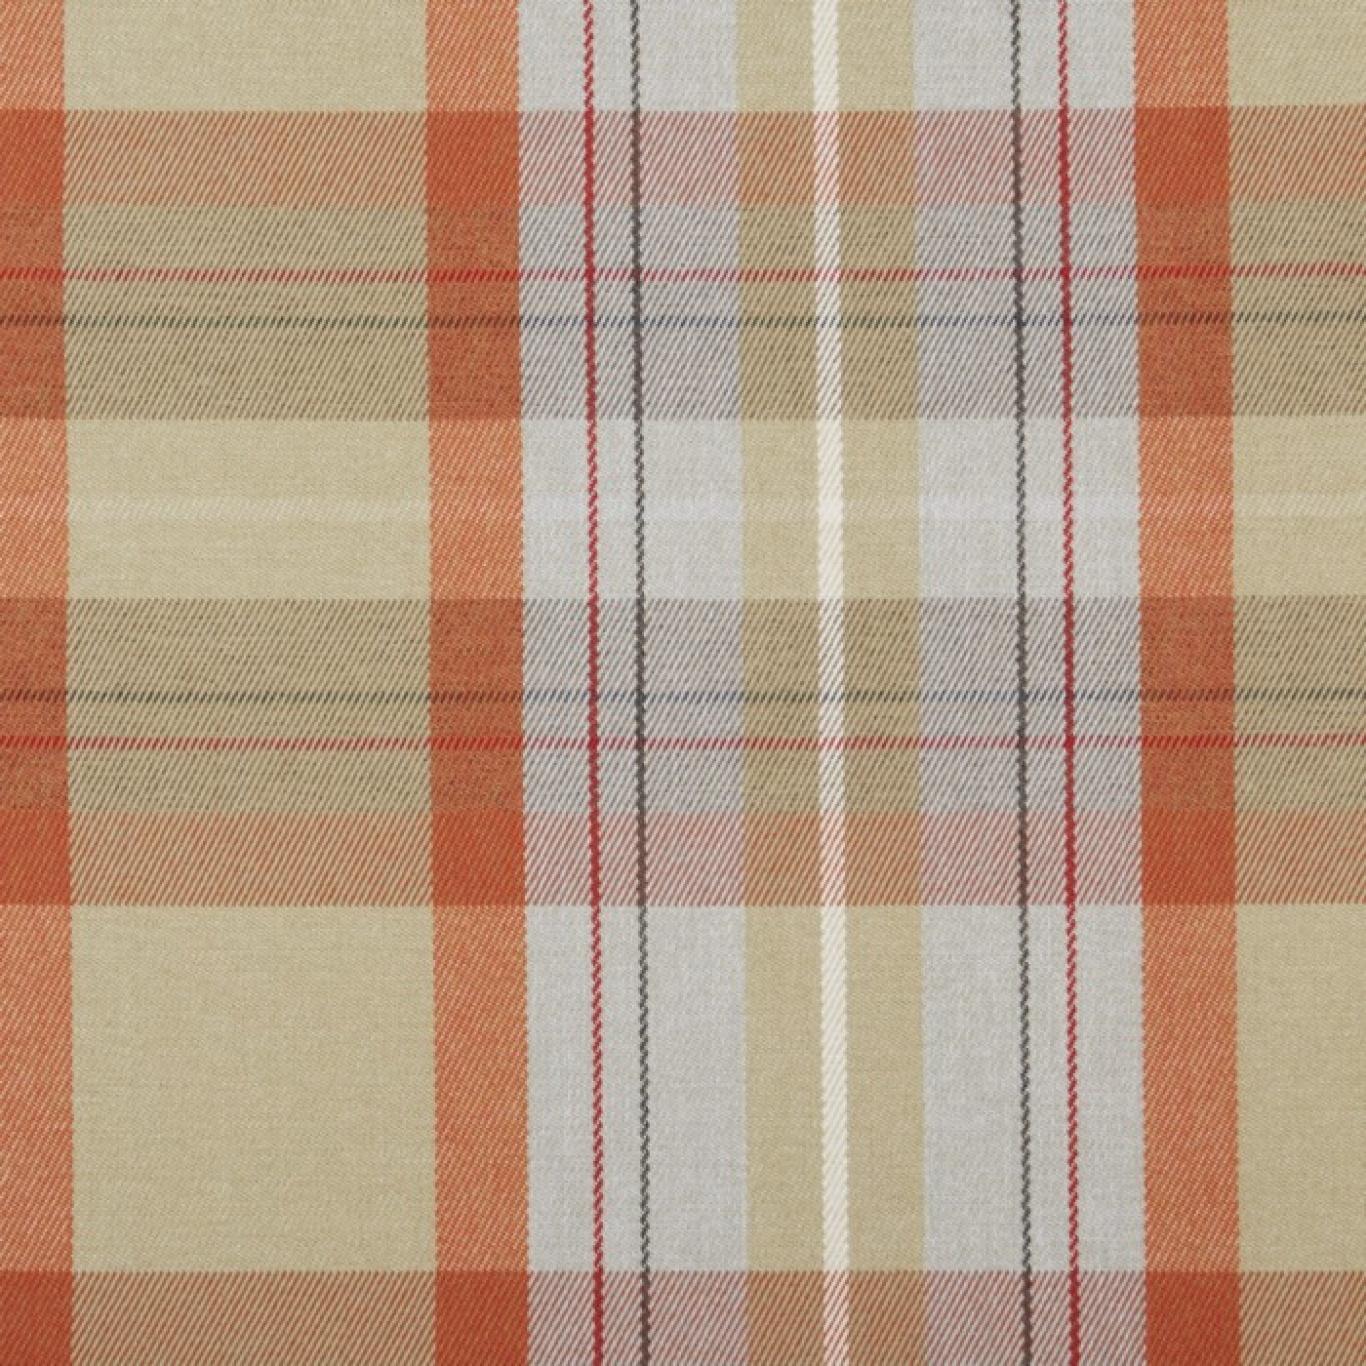 Image of Prestigious Cairngorm Auburn Fabric